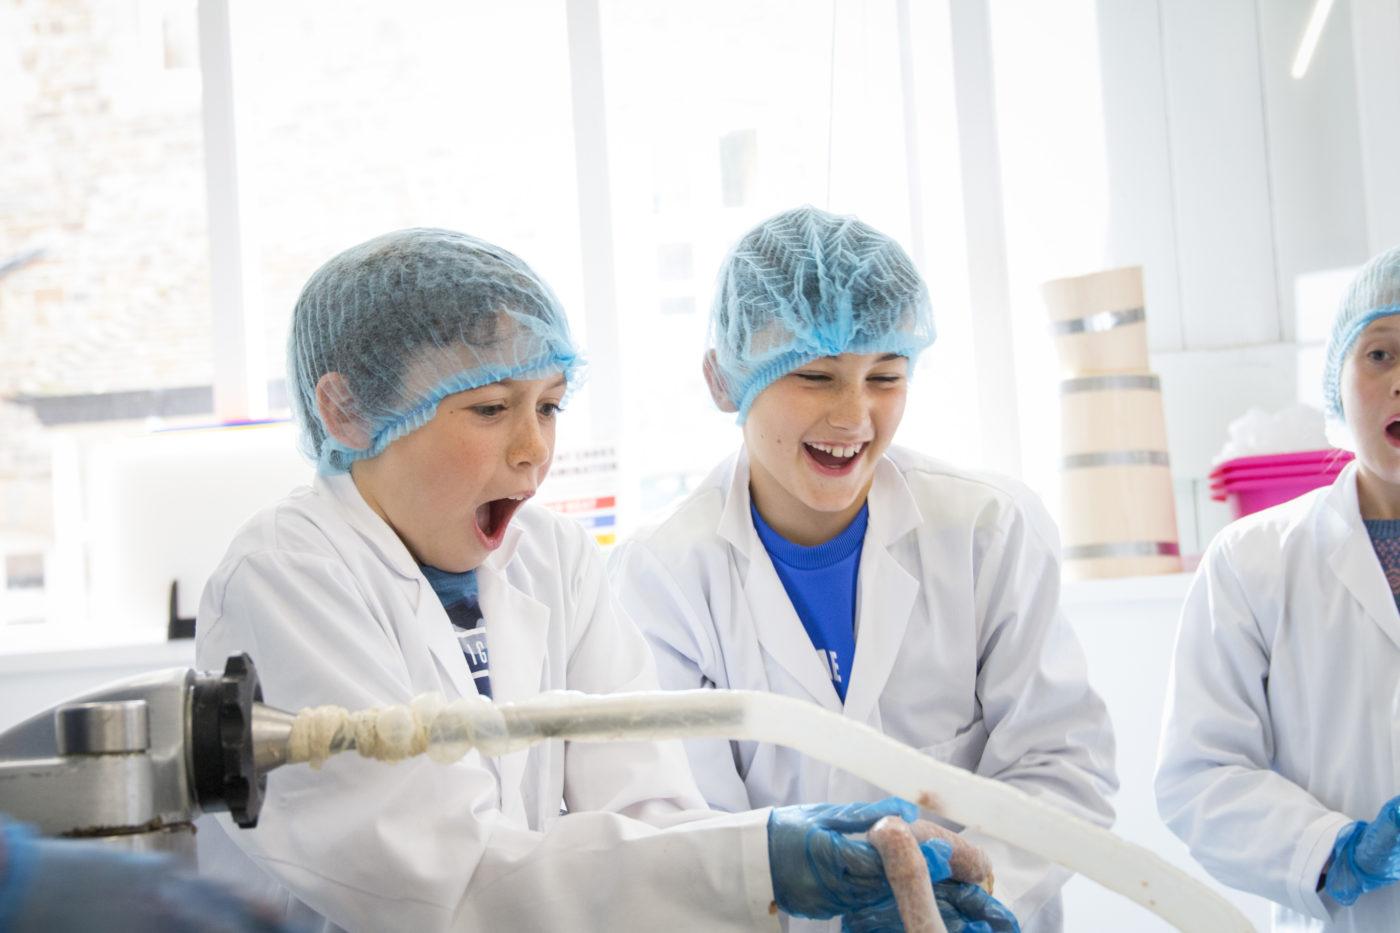 Children making sausages